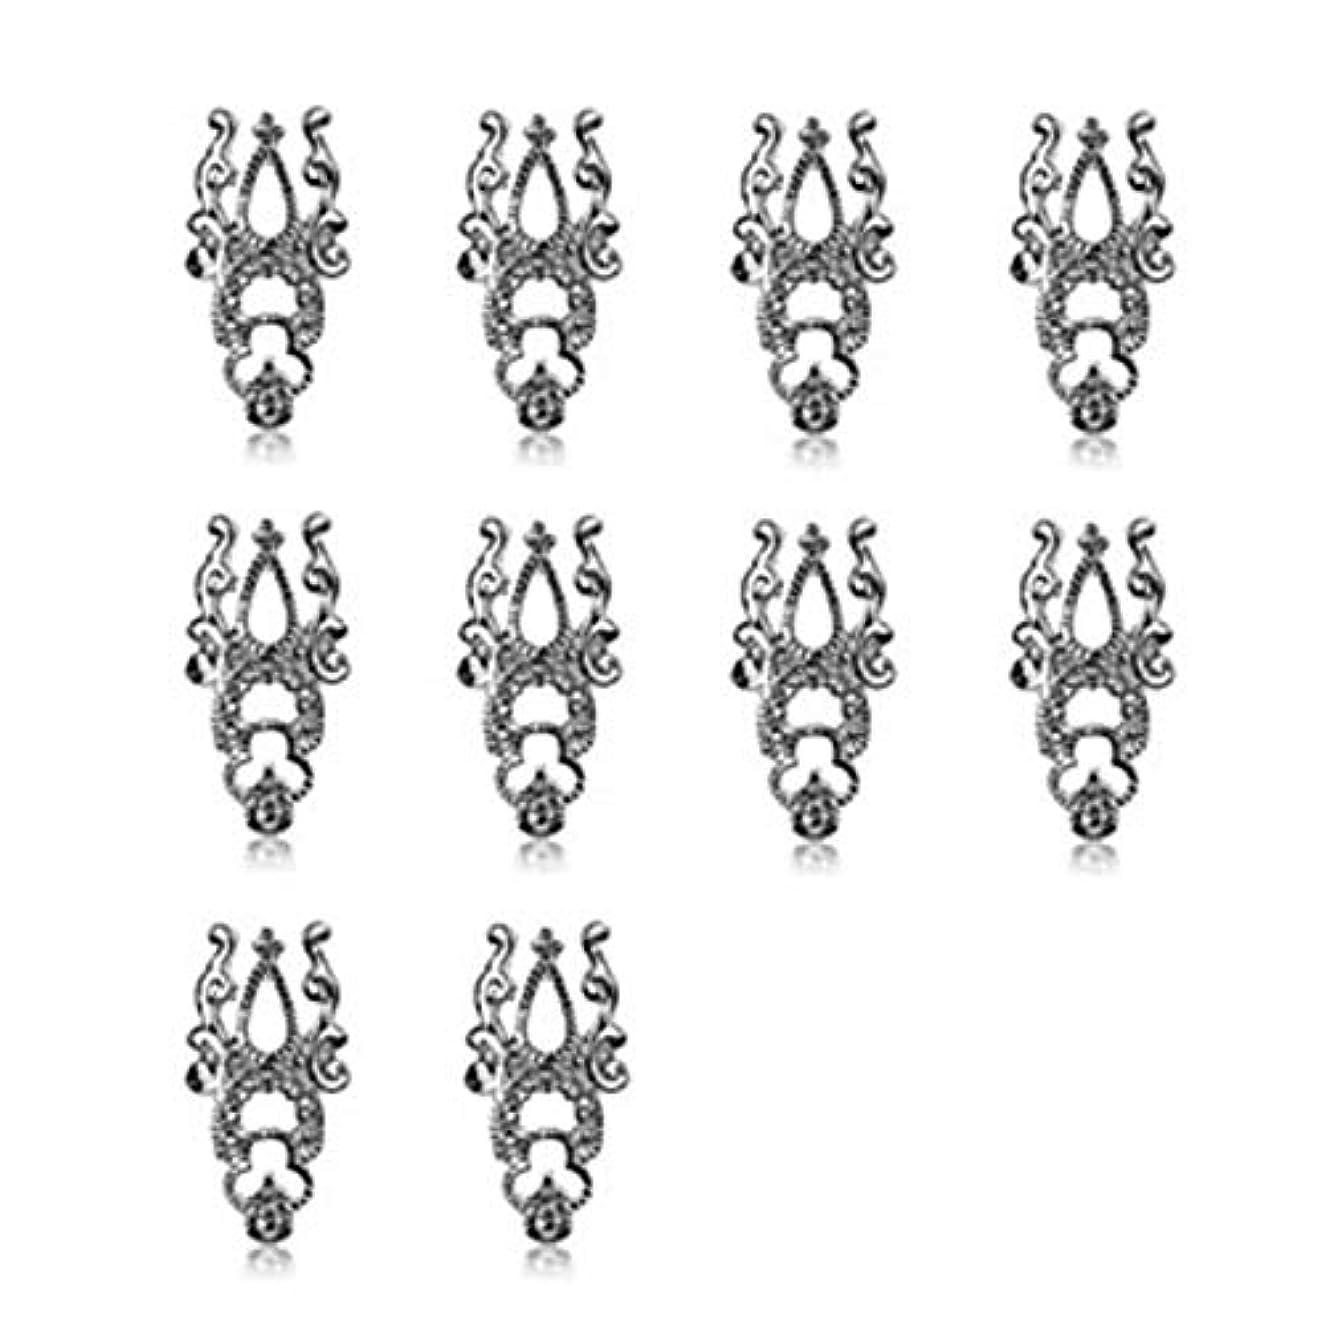 公平貢献する損失10ピース3d中空ネイルアート合金のヒント装飾ジュエリーキラキララインストーン,Silver